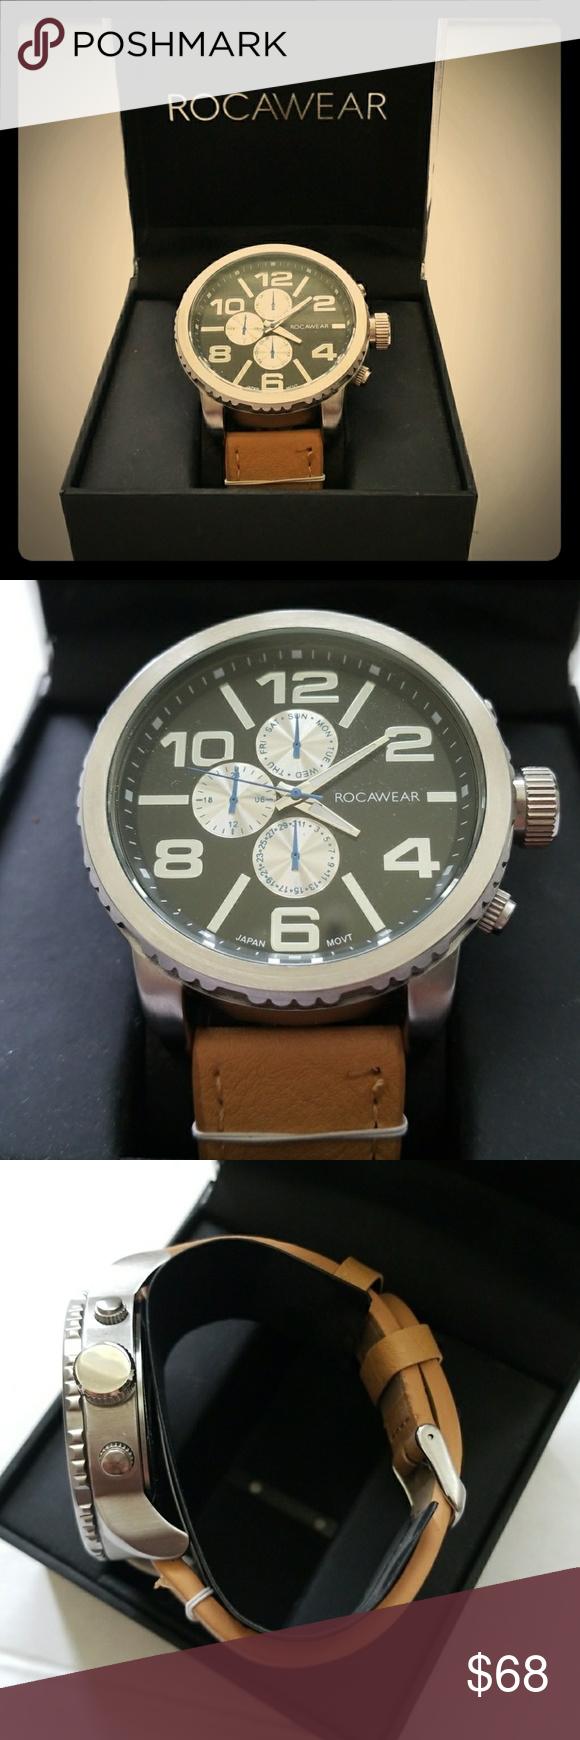 Nwt Mens Rocawear Watch Model Rm0209s1 050 Nwt Mens Xl Rocawear